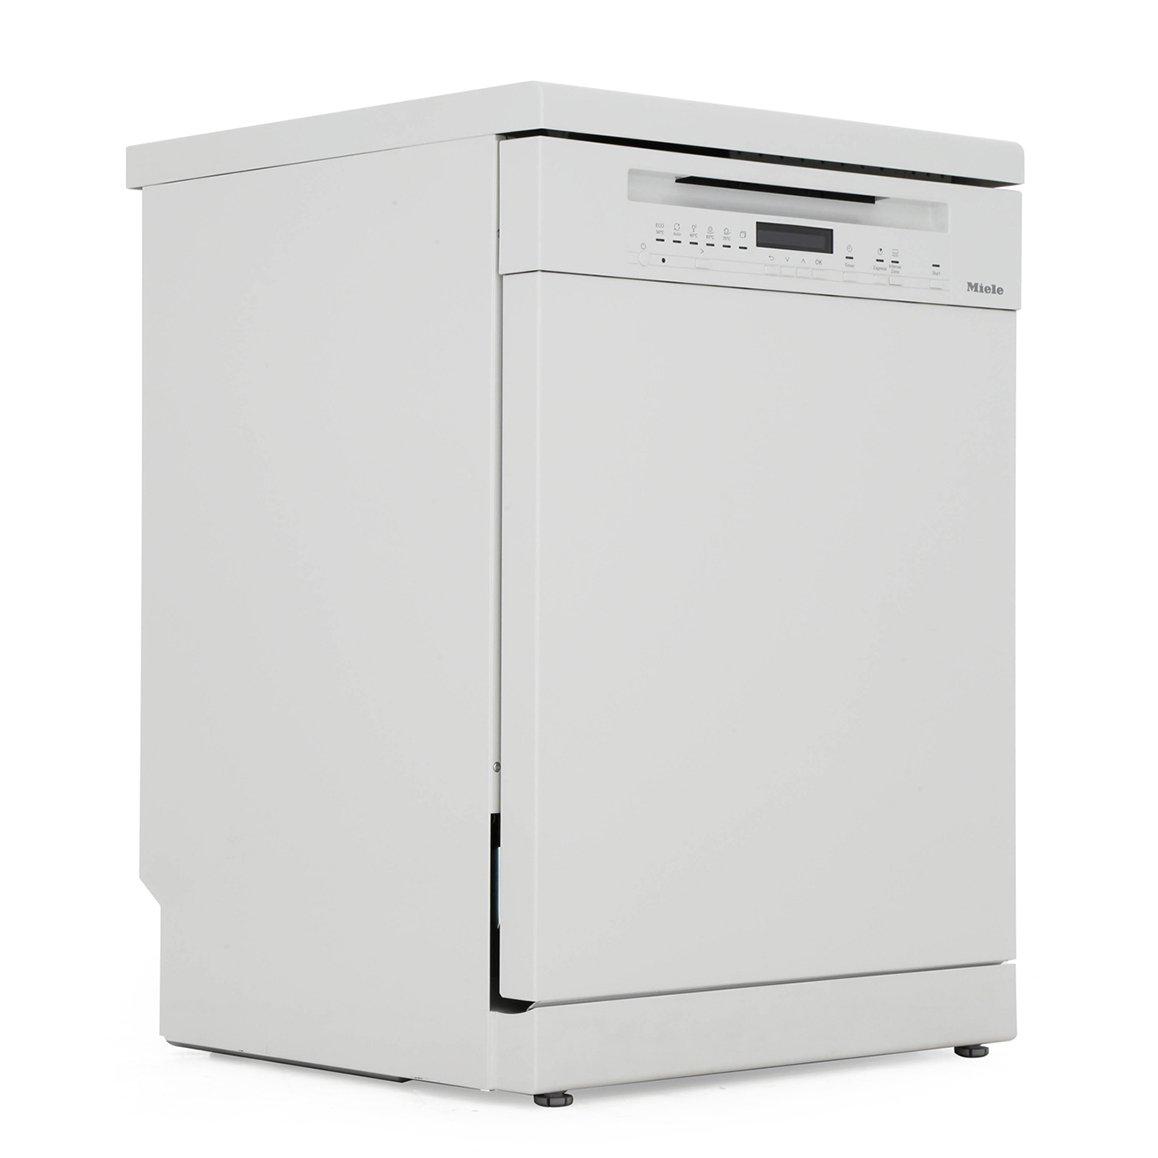 Miele G7100 SC Brilliant White Dishwasher